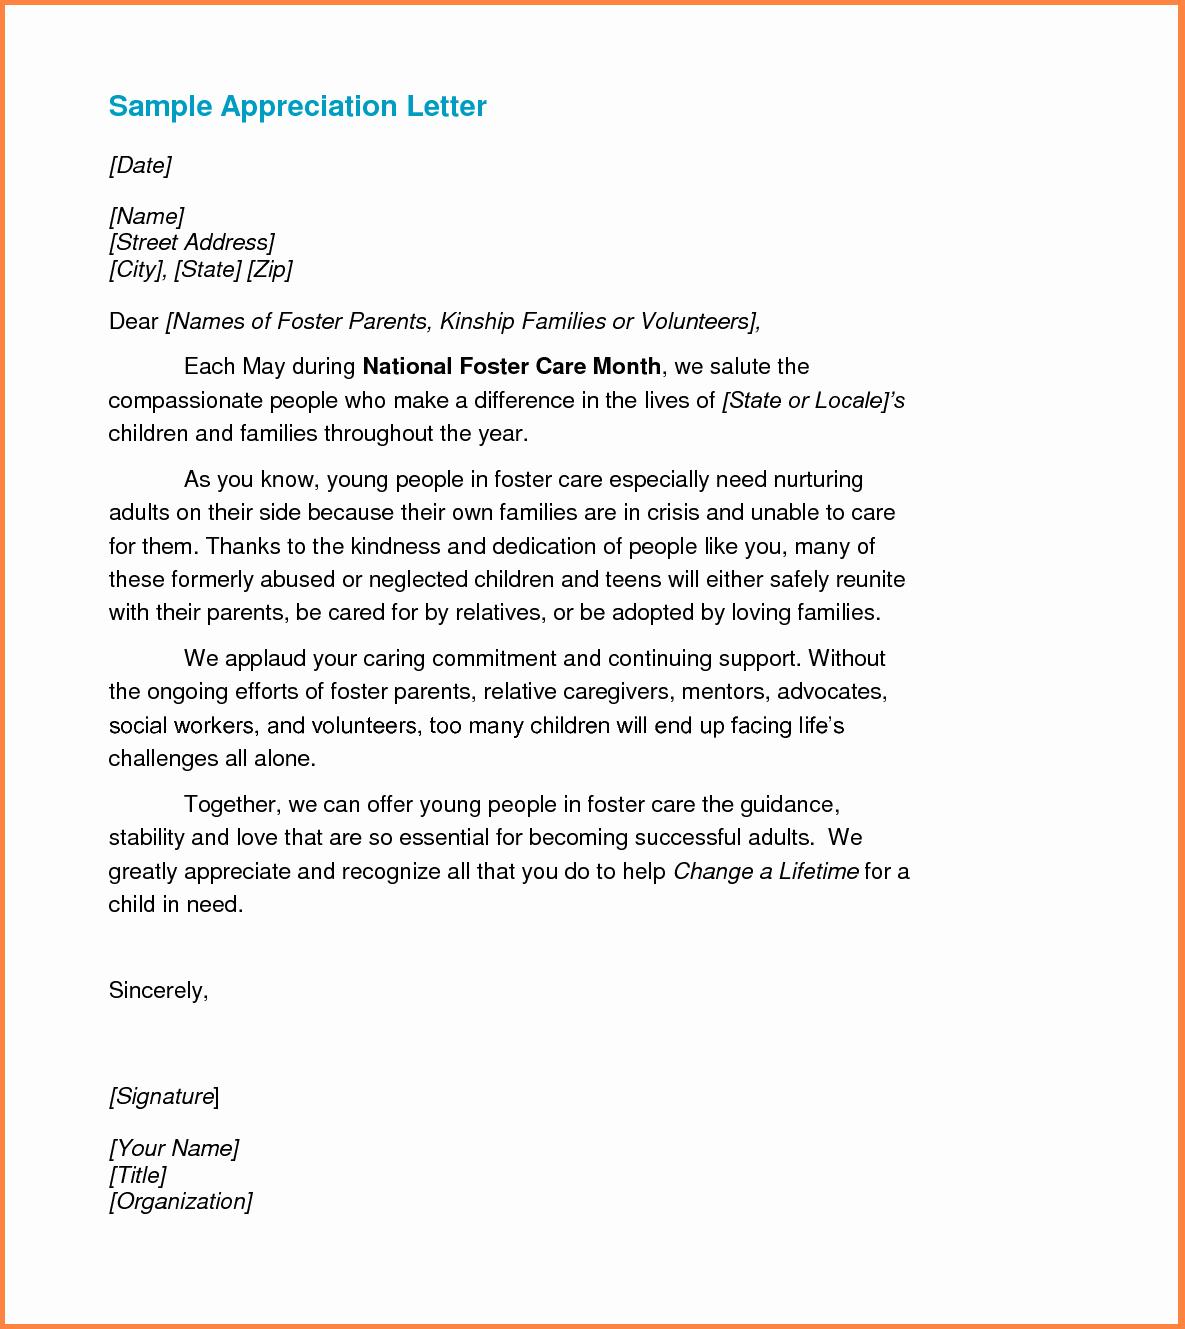 Letter Of Appreciation Template Unique Best S Of Samples Praise Appreciation Letters